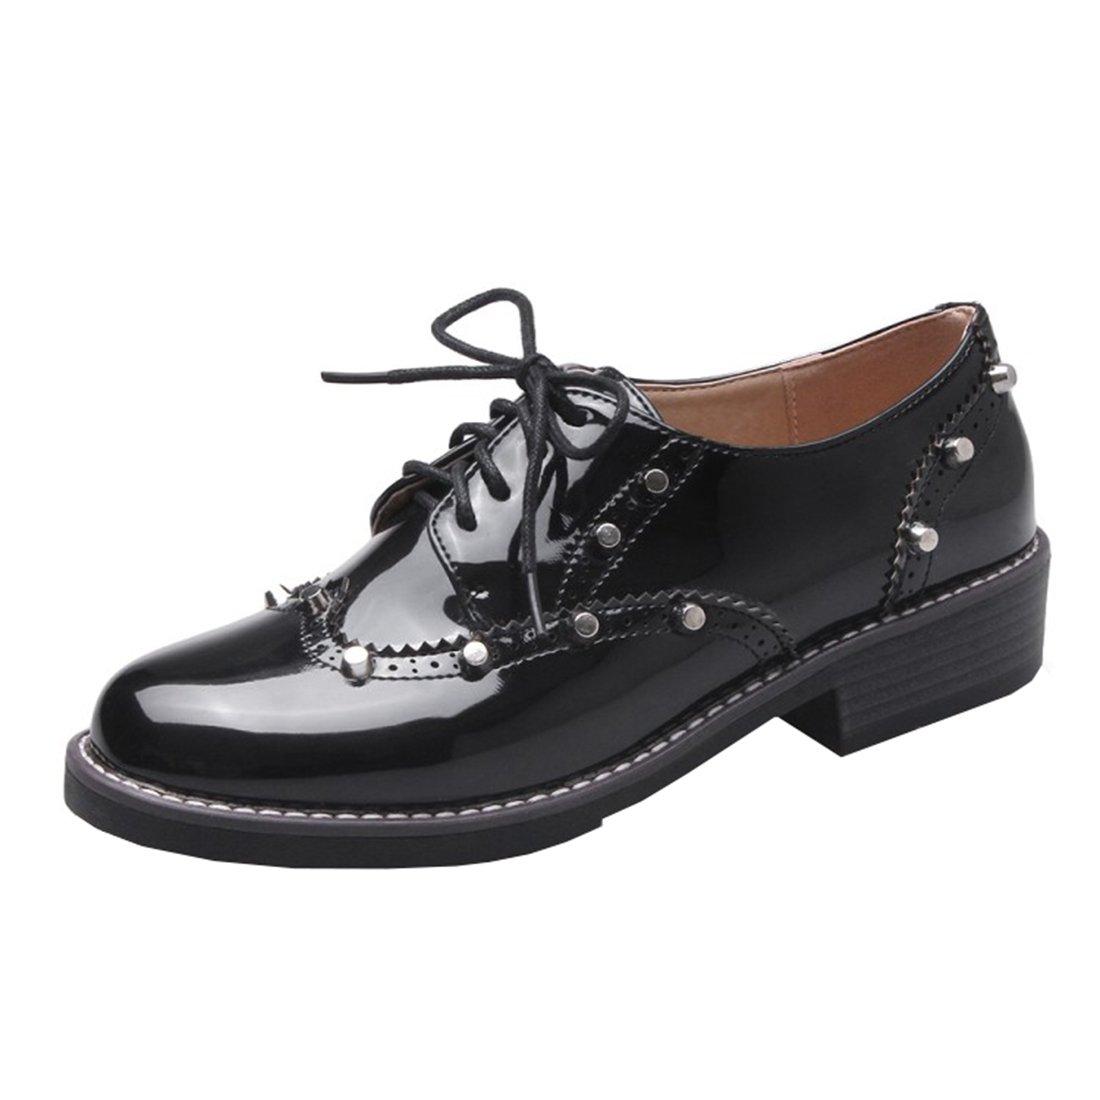 UH Bequeme Damen Flache Heels Lack Pumps mit Schnuuml;rung und Nieten Freizeit Vintage Schuhe37 EU|Schwarz